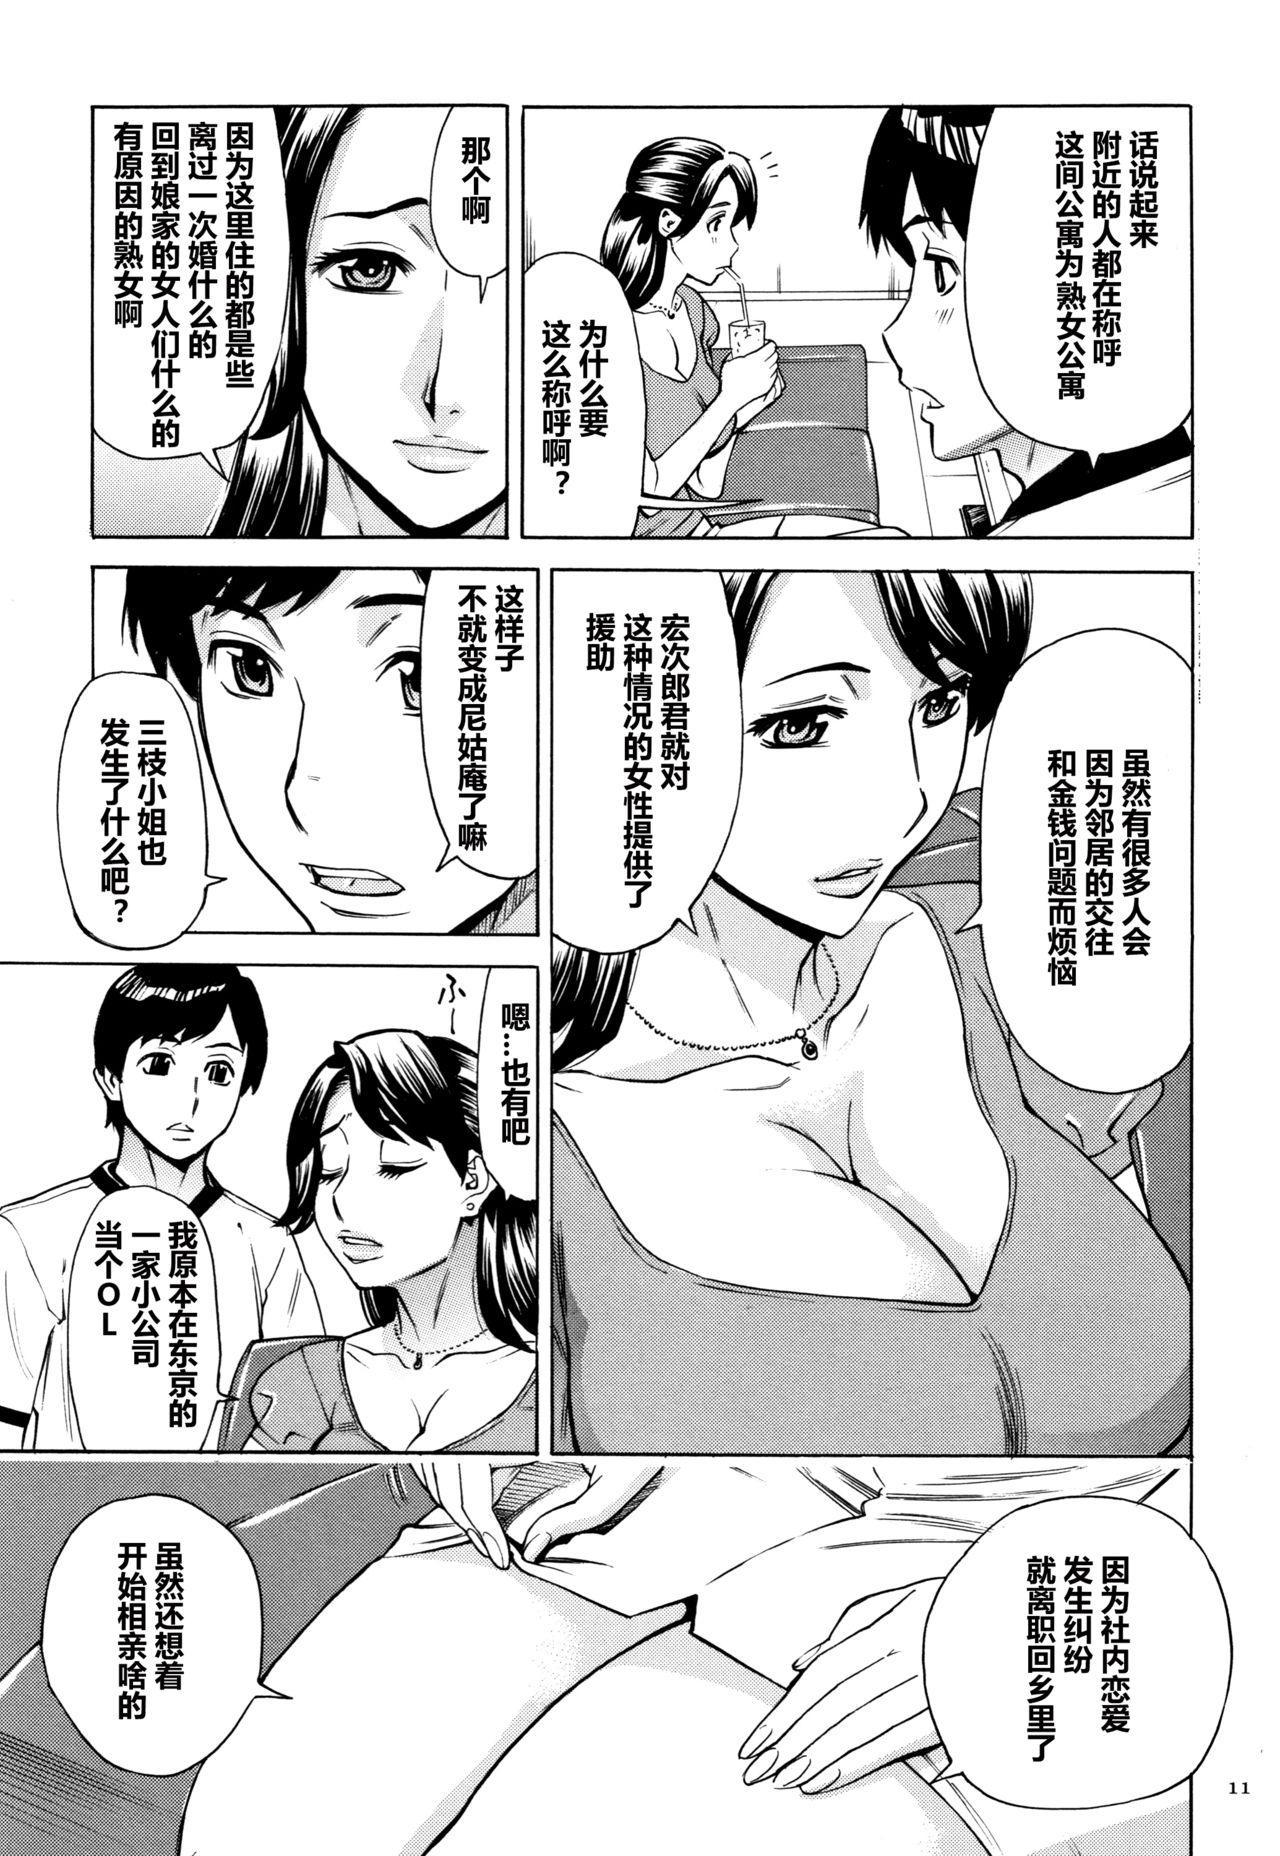 Oba-san dakedo, Daite Hoshii. 11